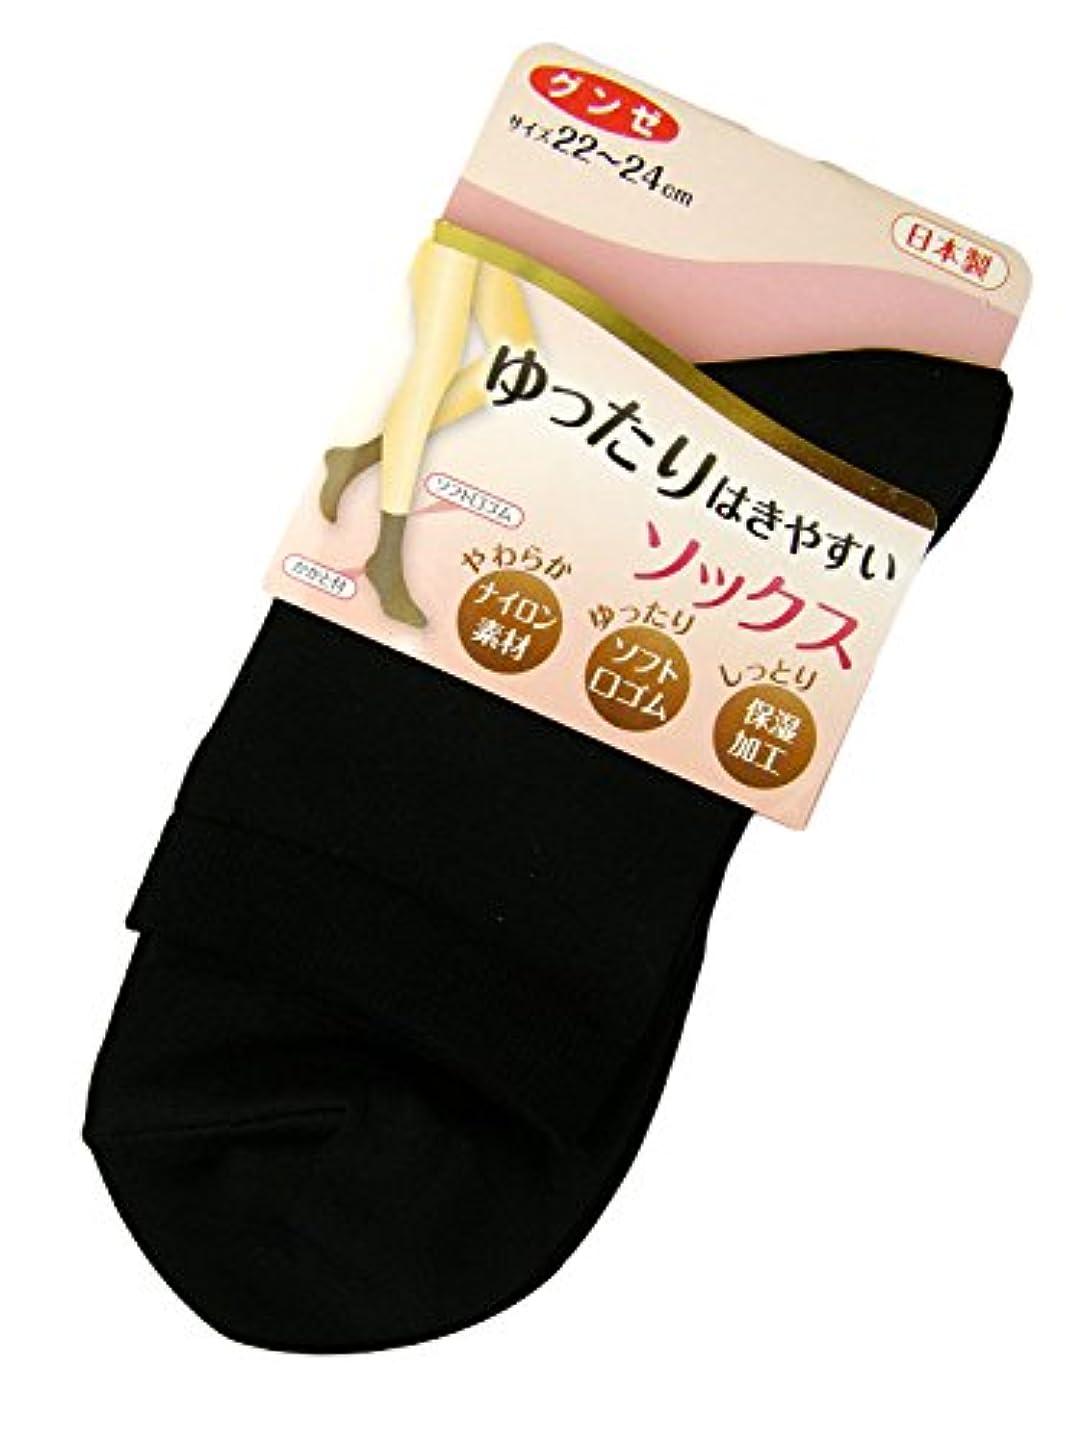 ジャグリングで置くためにパックAR0212 ミセススニーカーソックス(婦人靴下) ゆったりはきやすい 22-24cm ブラック